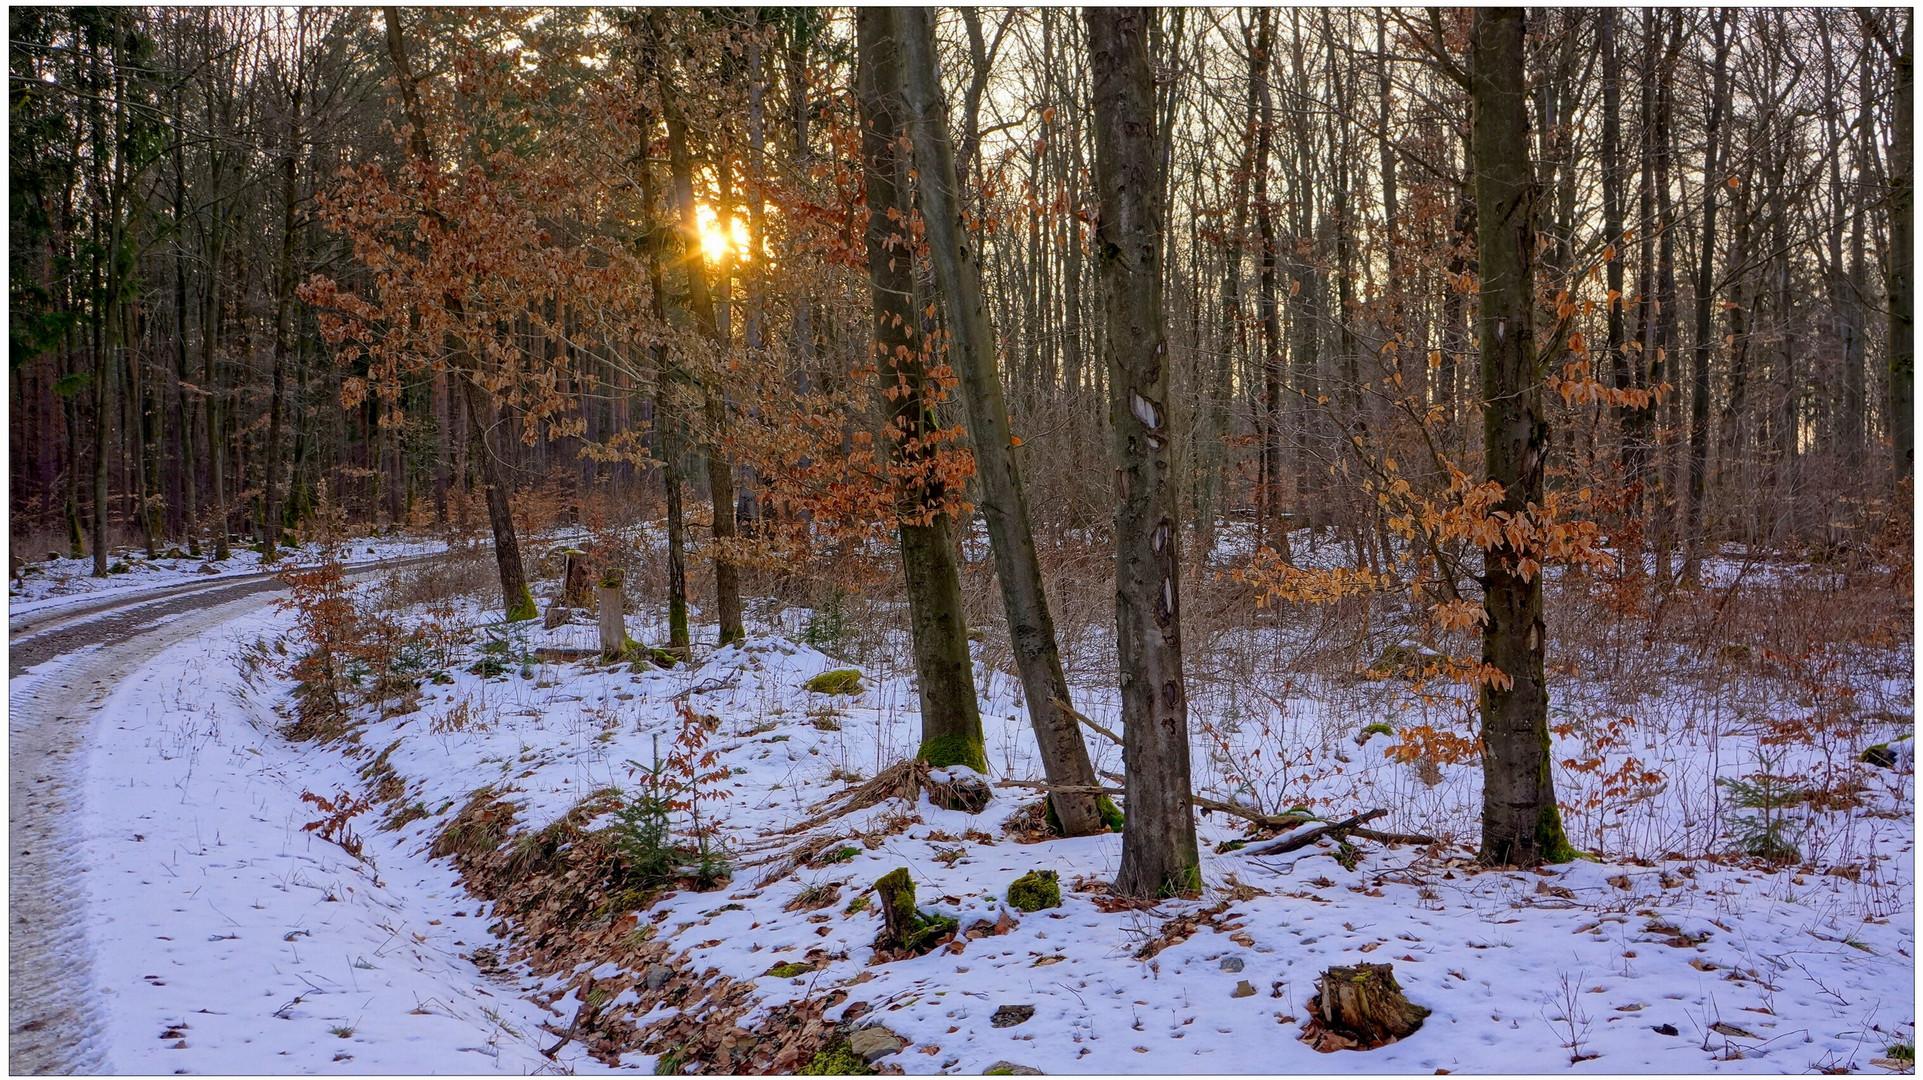 por la tarde en el bosque III (abends im Wald III)